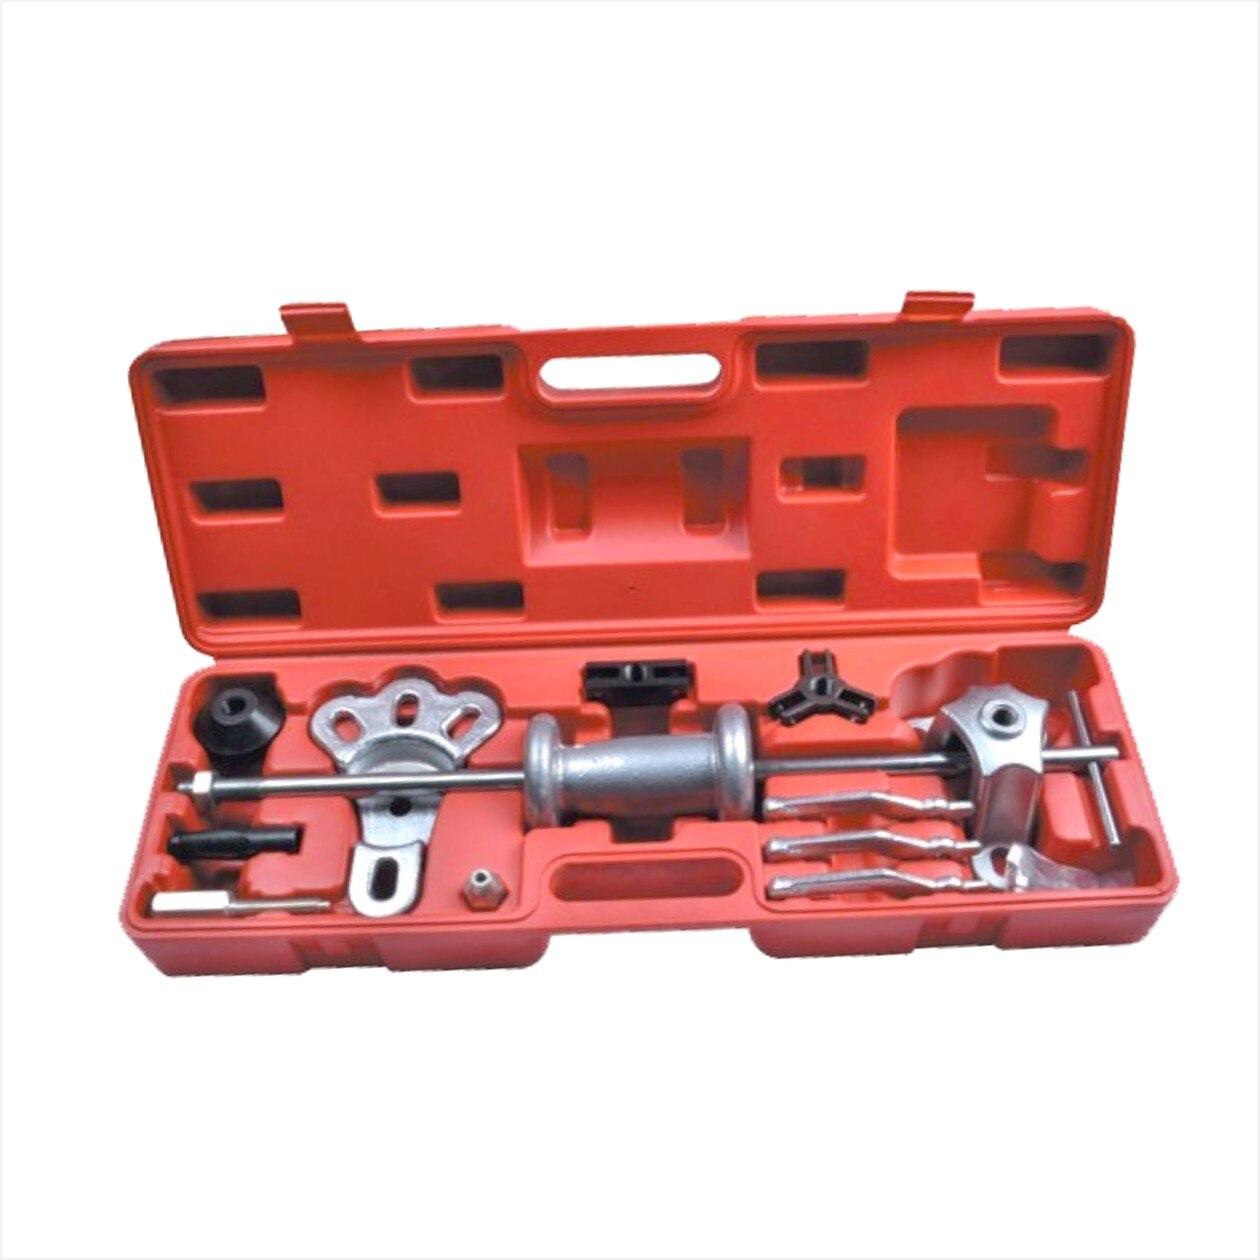 18pc Slide Hammer Dent Puller Oil Seal Bearing Extractor 2/3 Jaw External Internal HD